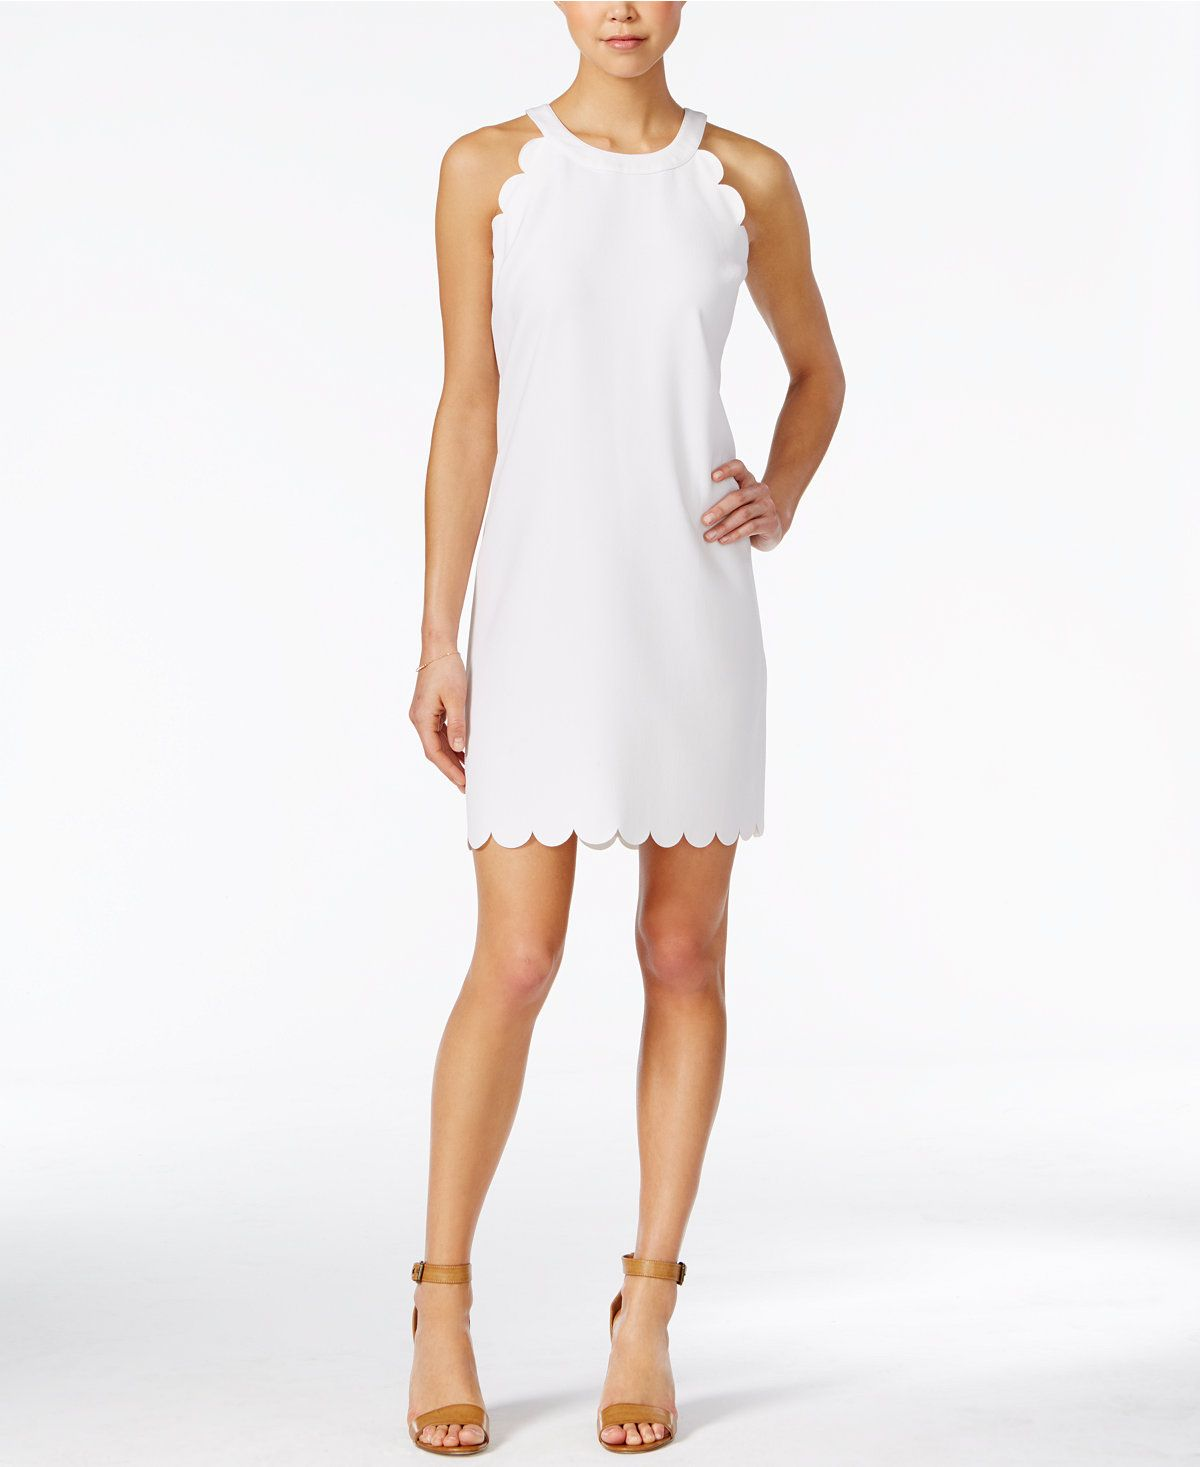 b93b89230c1 Maison Jules Sleeveless Scallop-Detail Dress